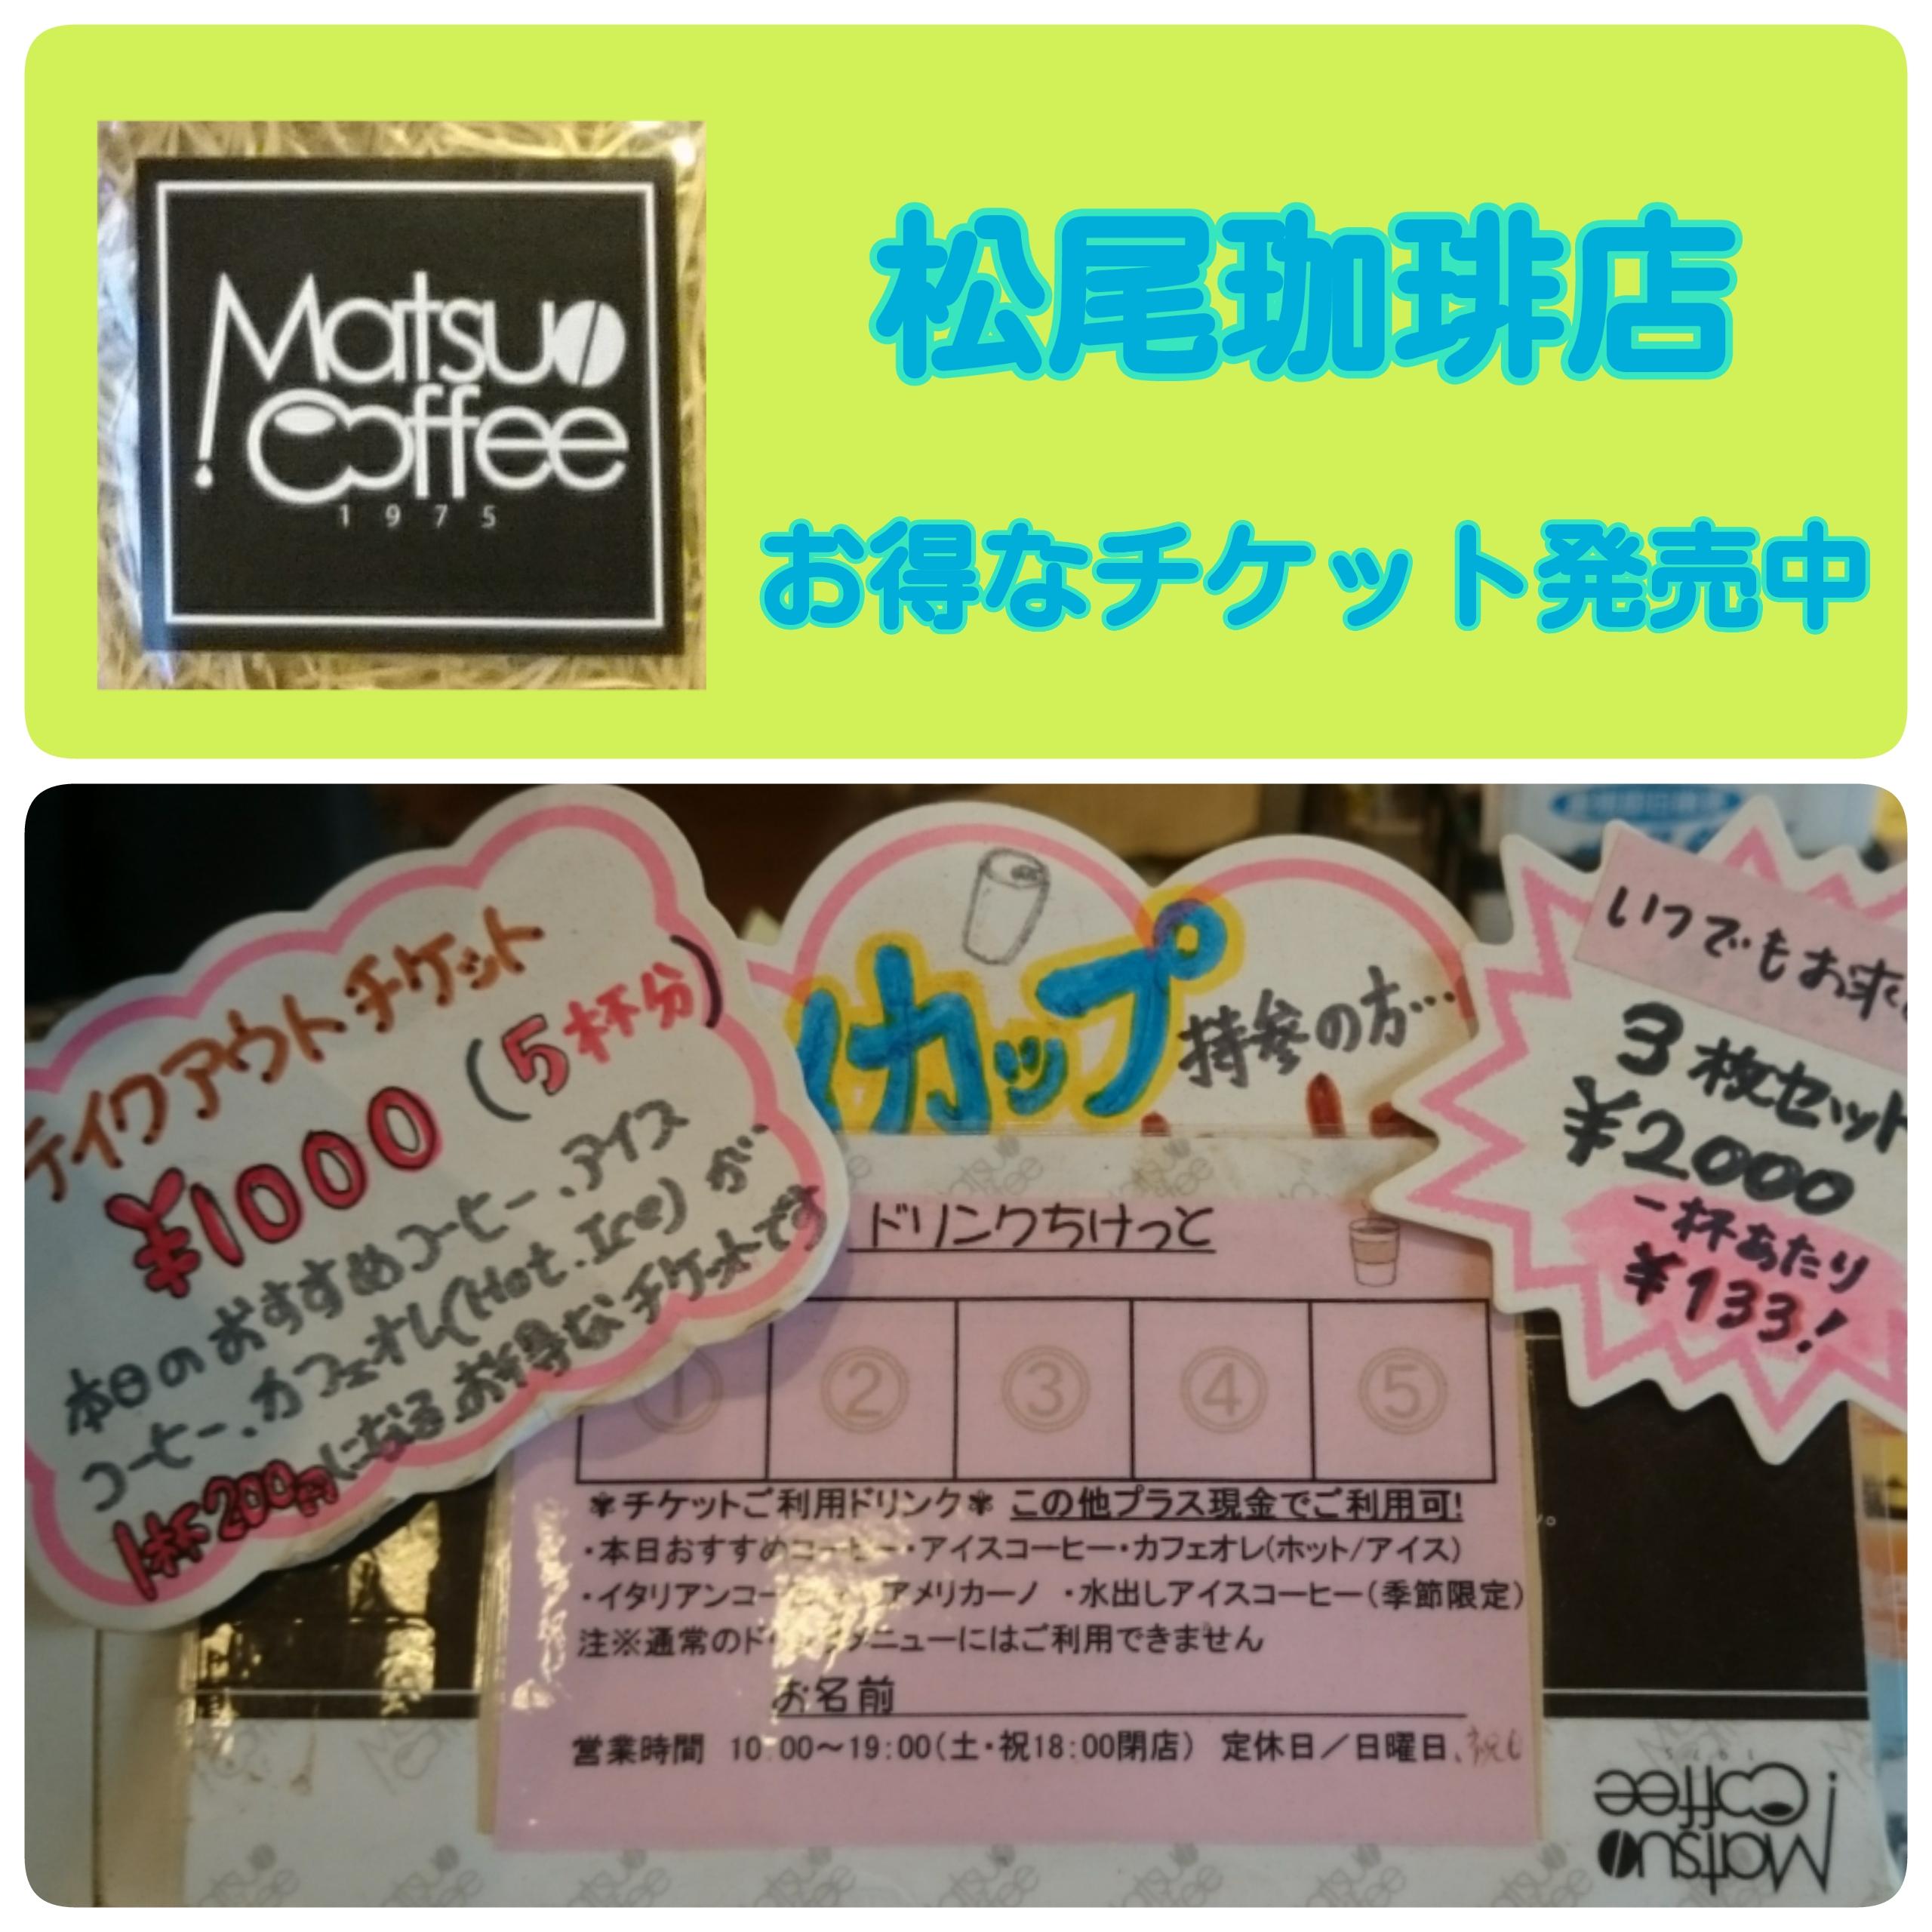 「松尾珈琲店」さん、お得なチケット発売中(*^^*)